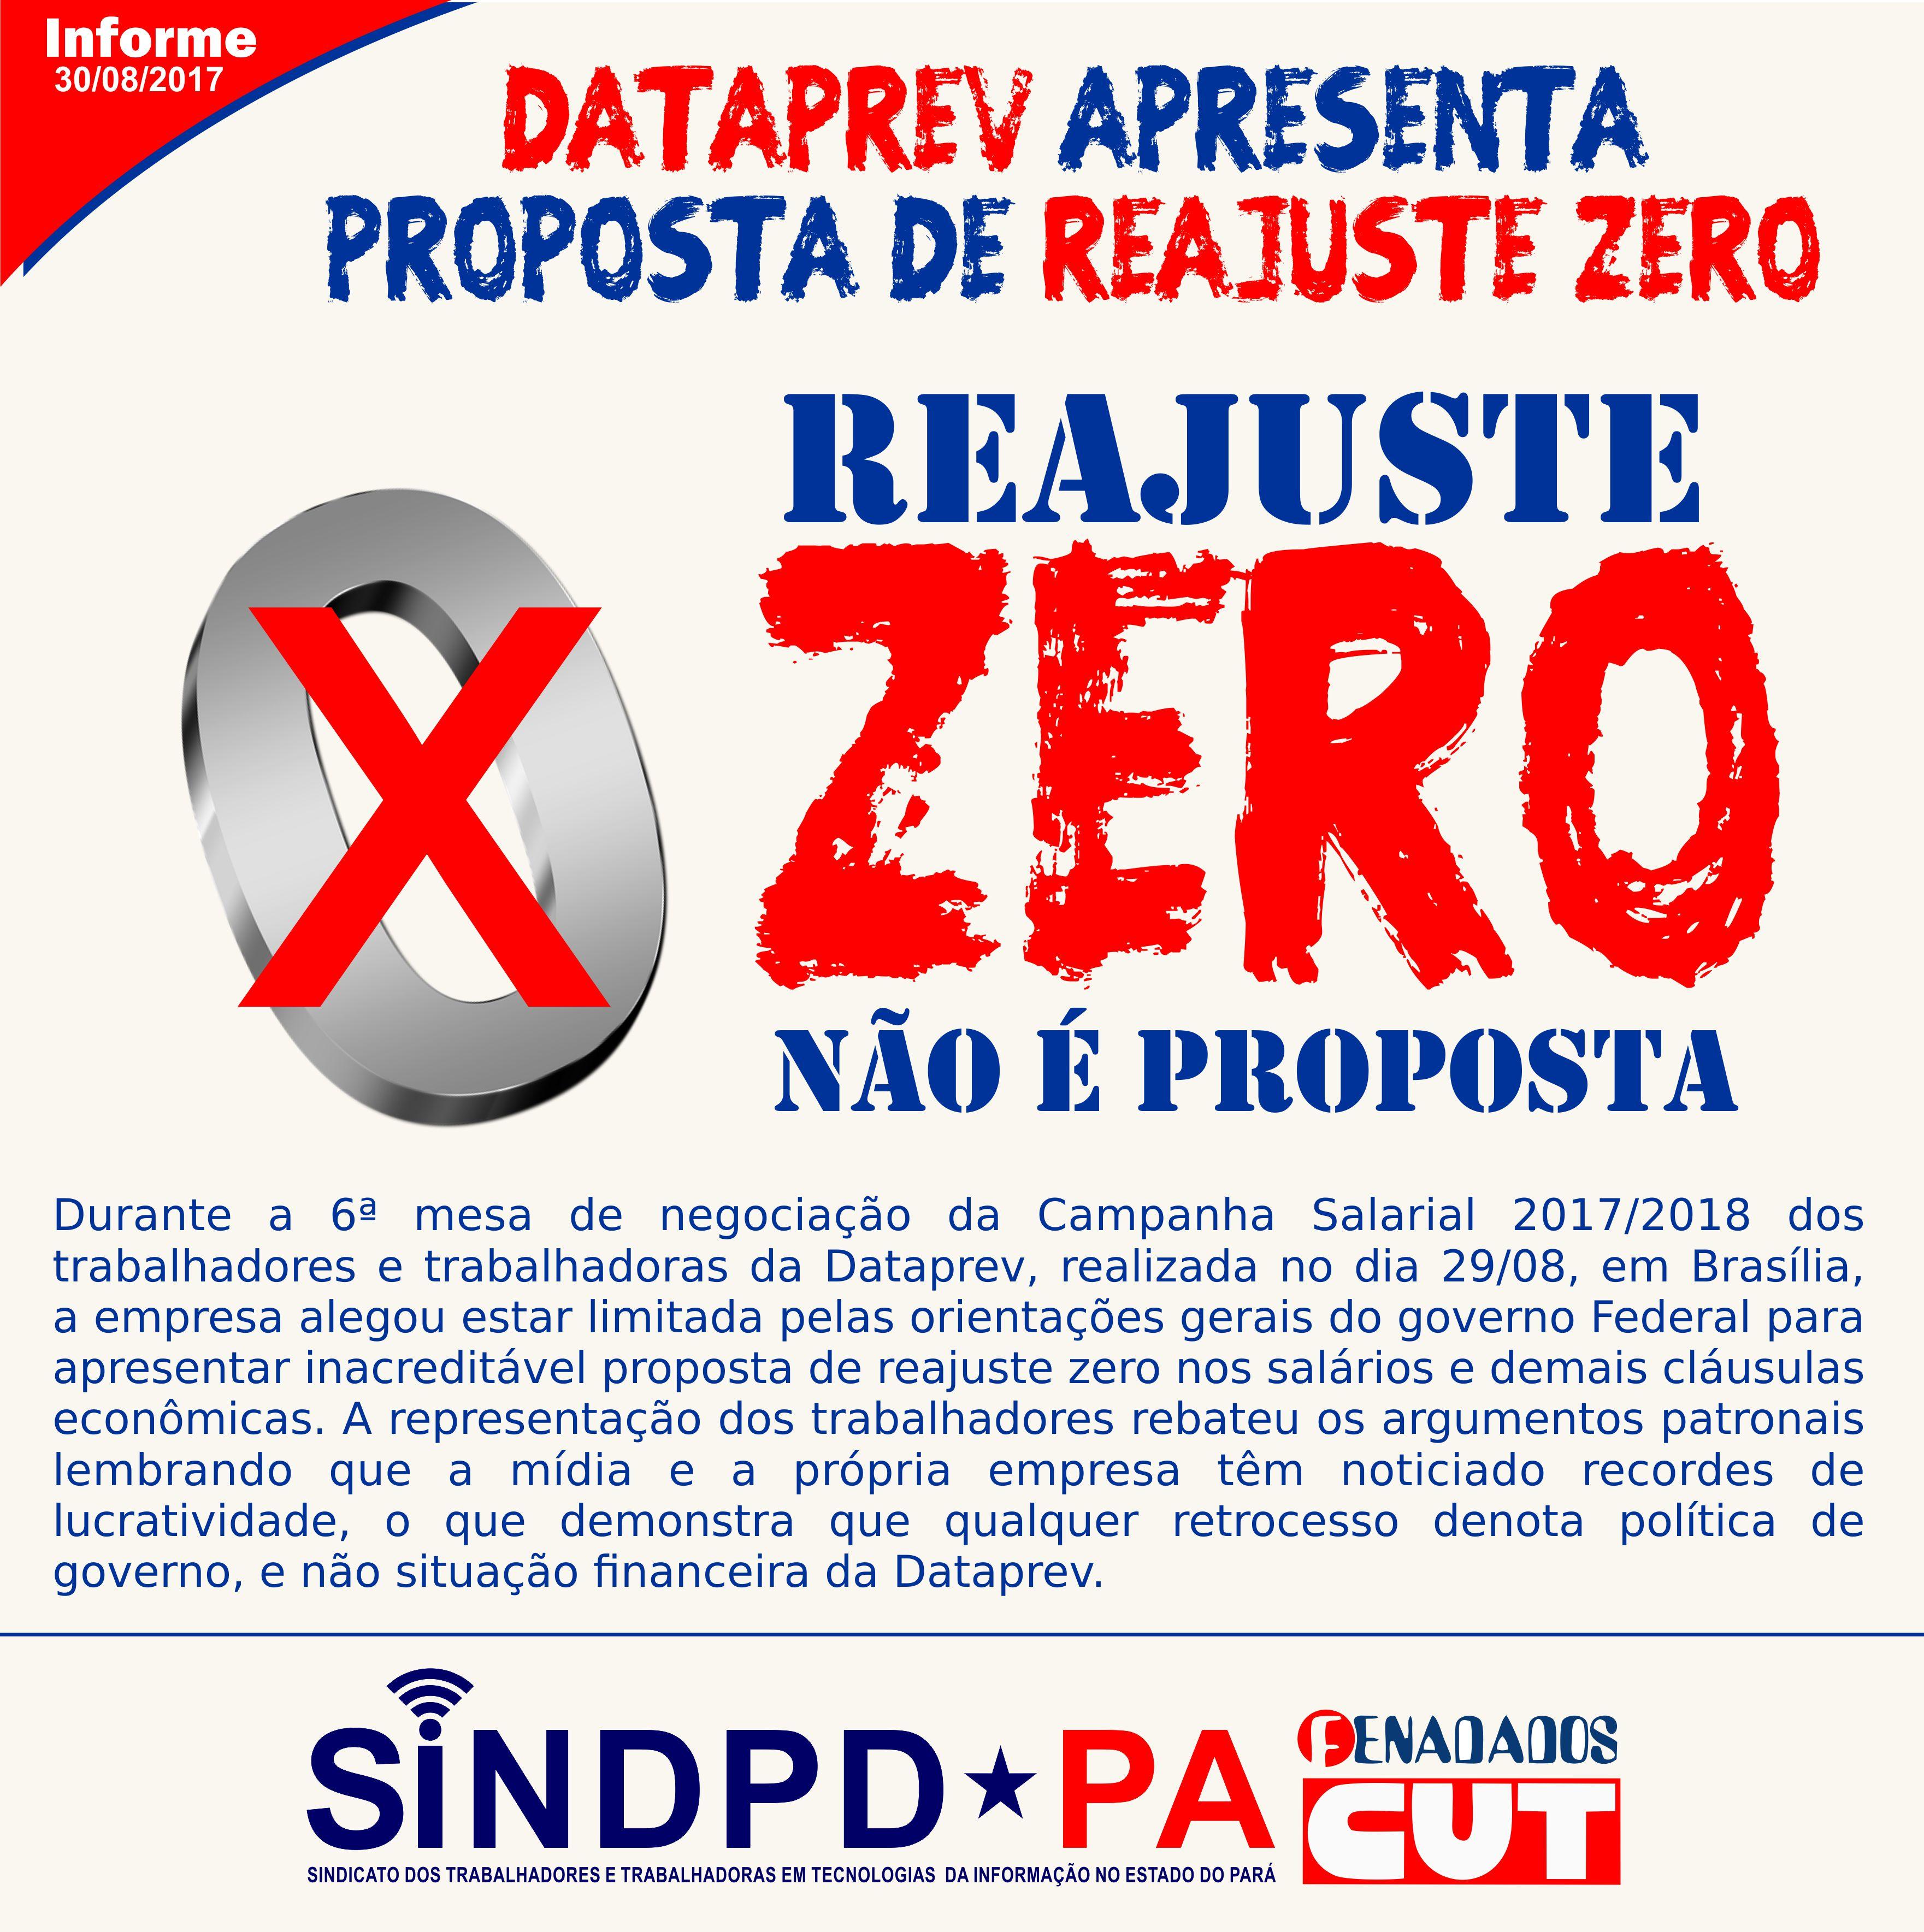 dataprev reajuste zero